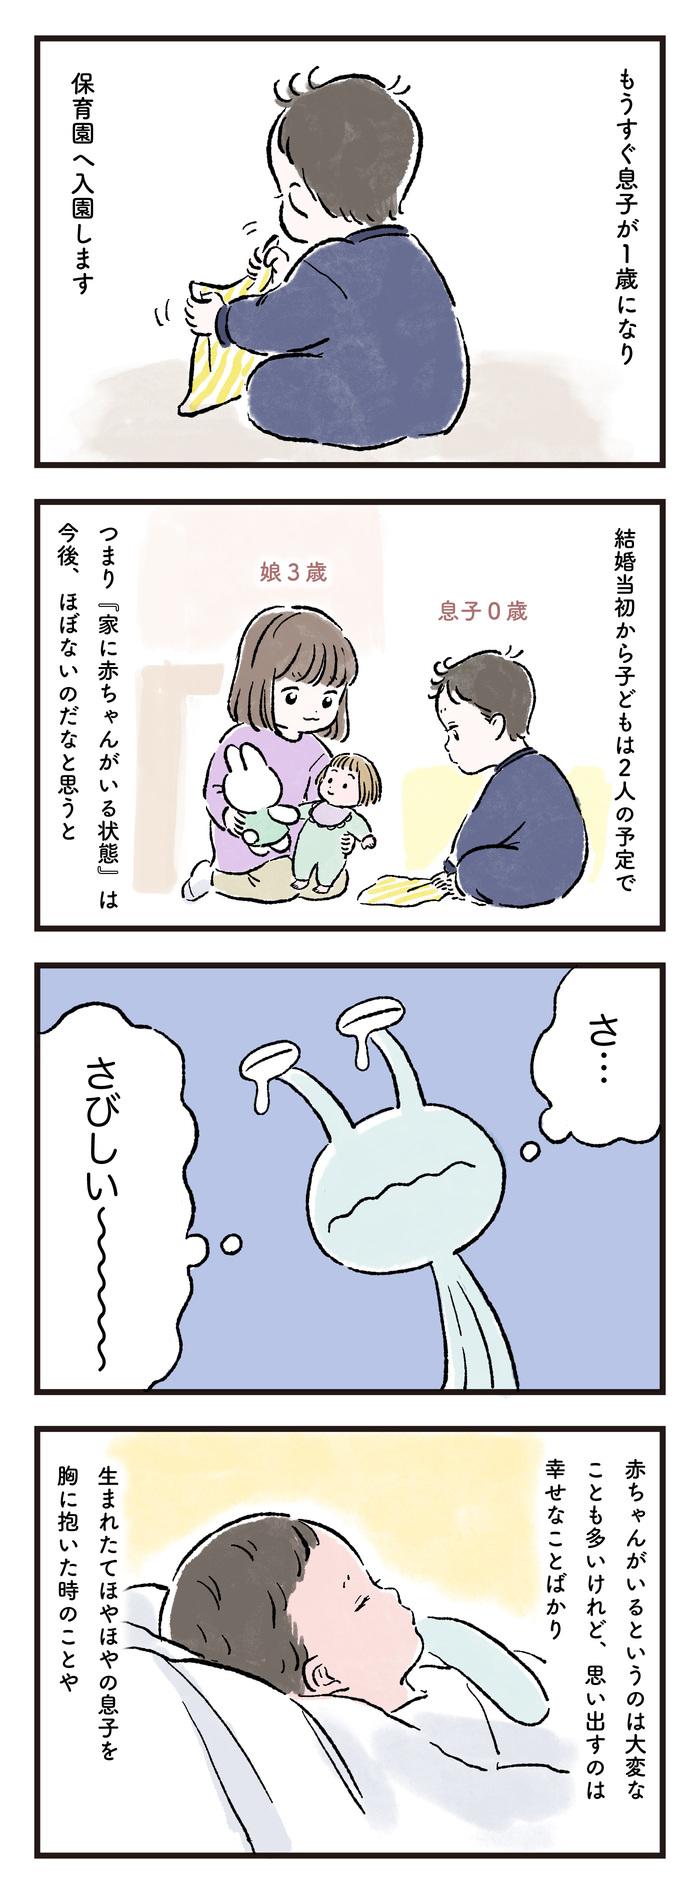 大変だったはずの赤ちゃん期、振り返ると浮かんでくるのは幸せなことばかりの画像1